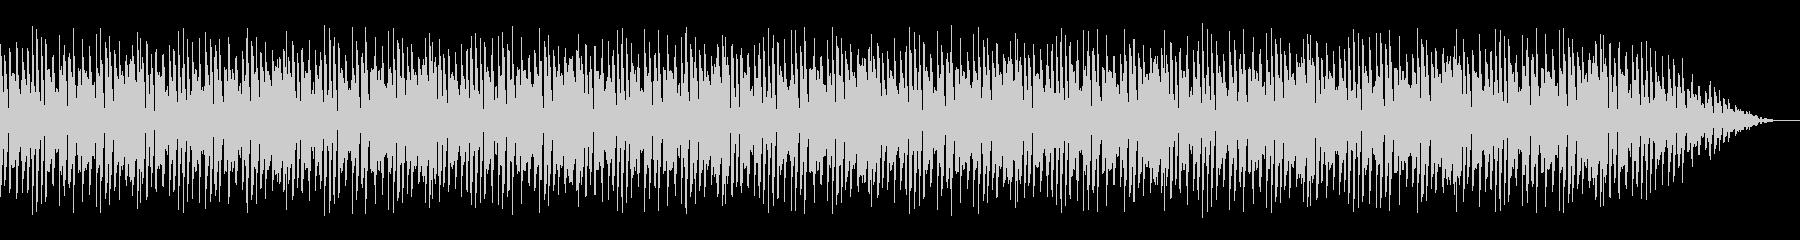 サチモスやジャミロクワイをイメージした曲の未再生の波形